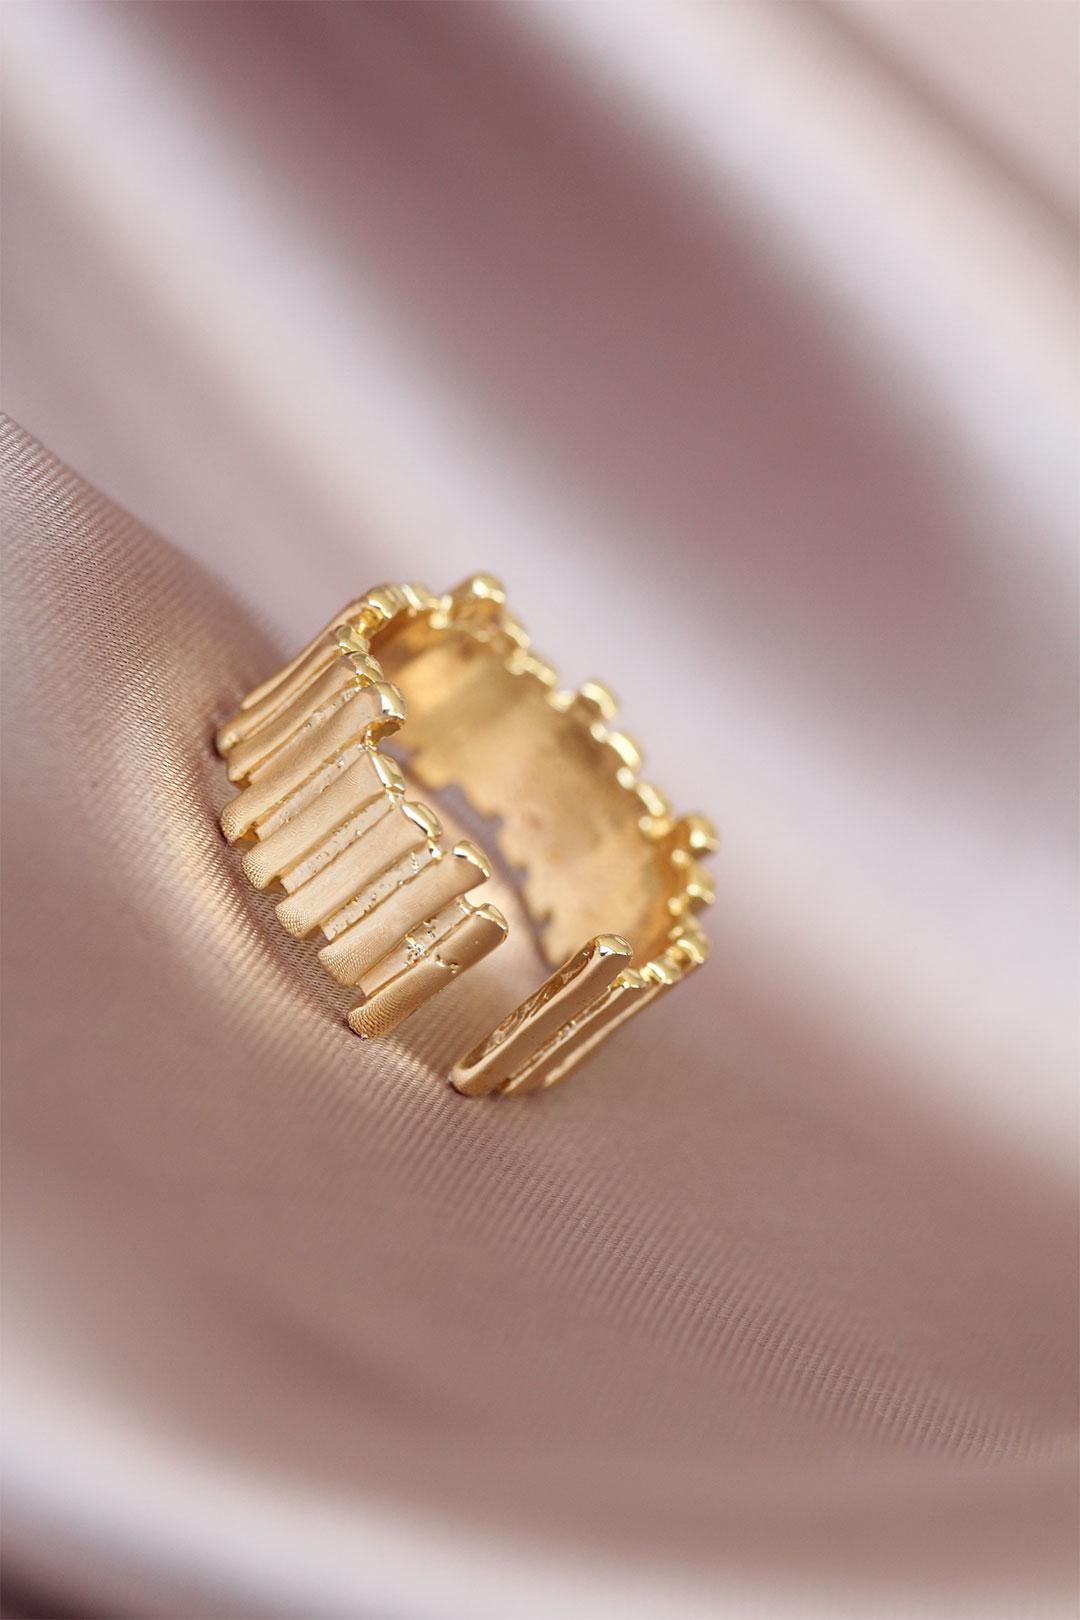 Gold Renk Metal Ayarlamalı Kadın Yüzük